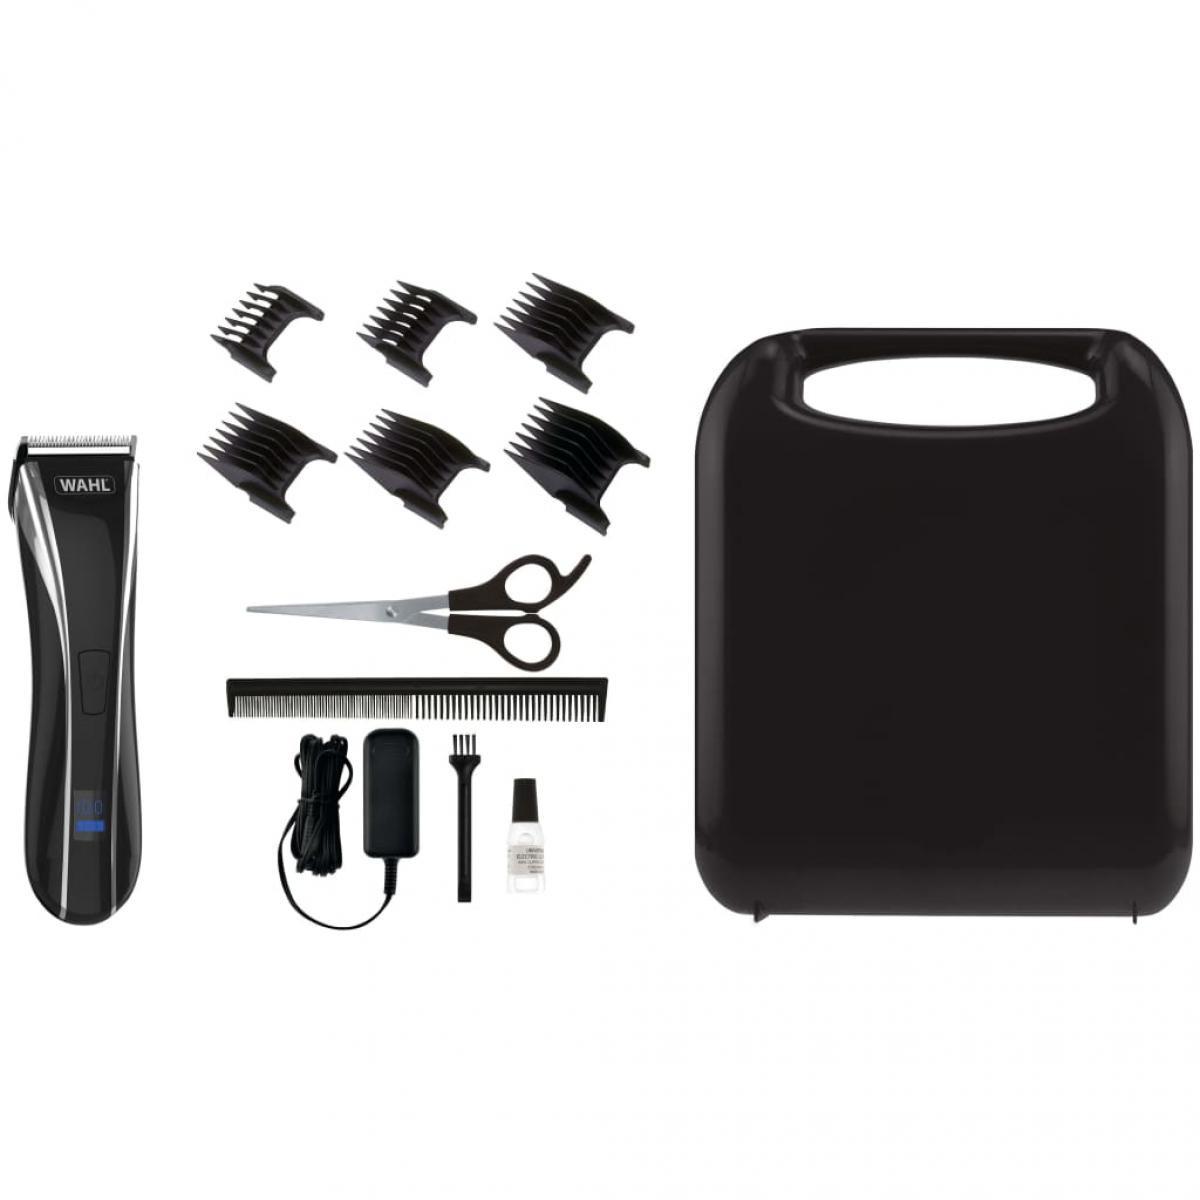 Wahl Wahl Kit de tondeuse à cheveux 13 pcs Lithium Pro LCD 6W